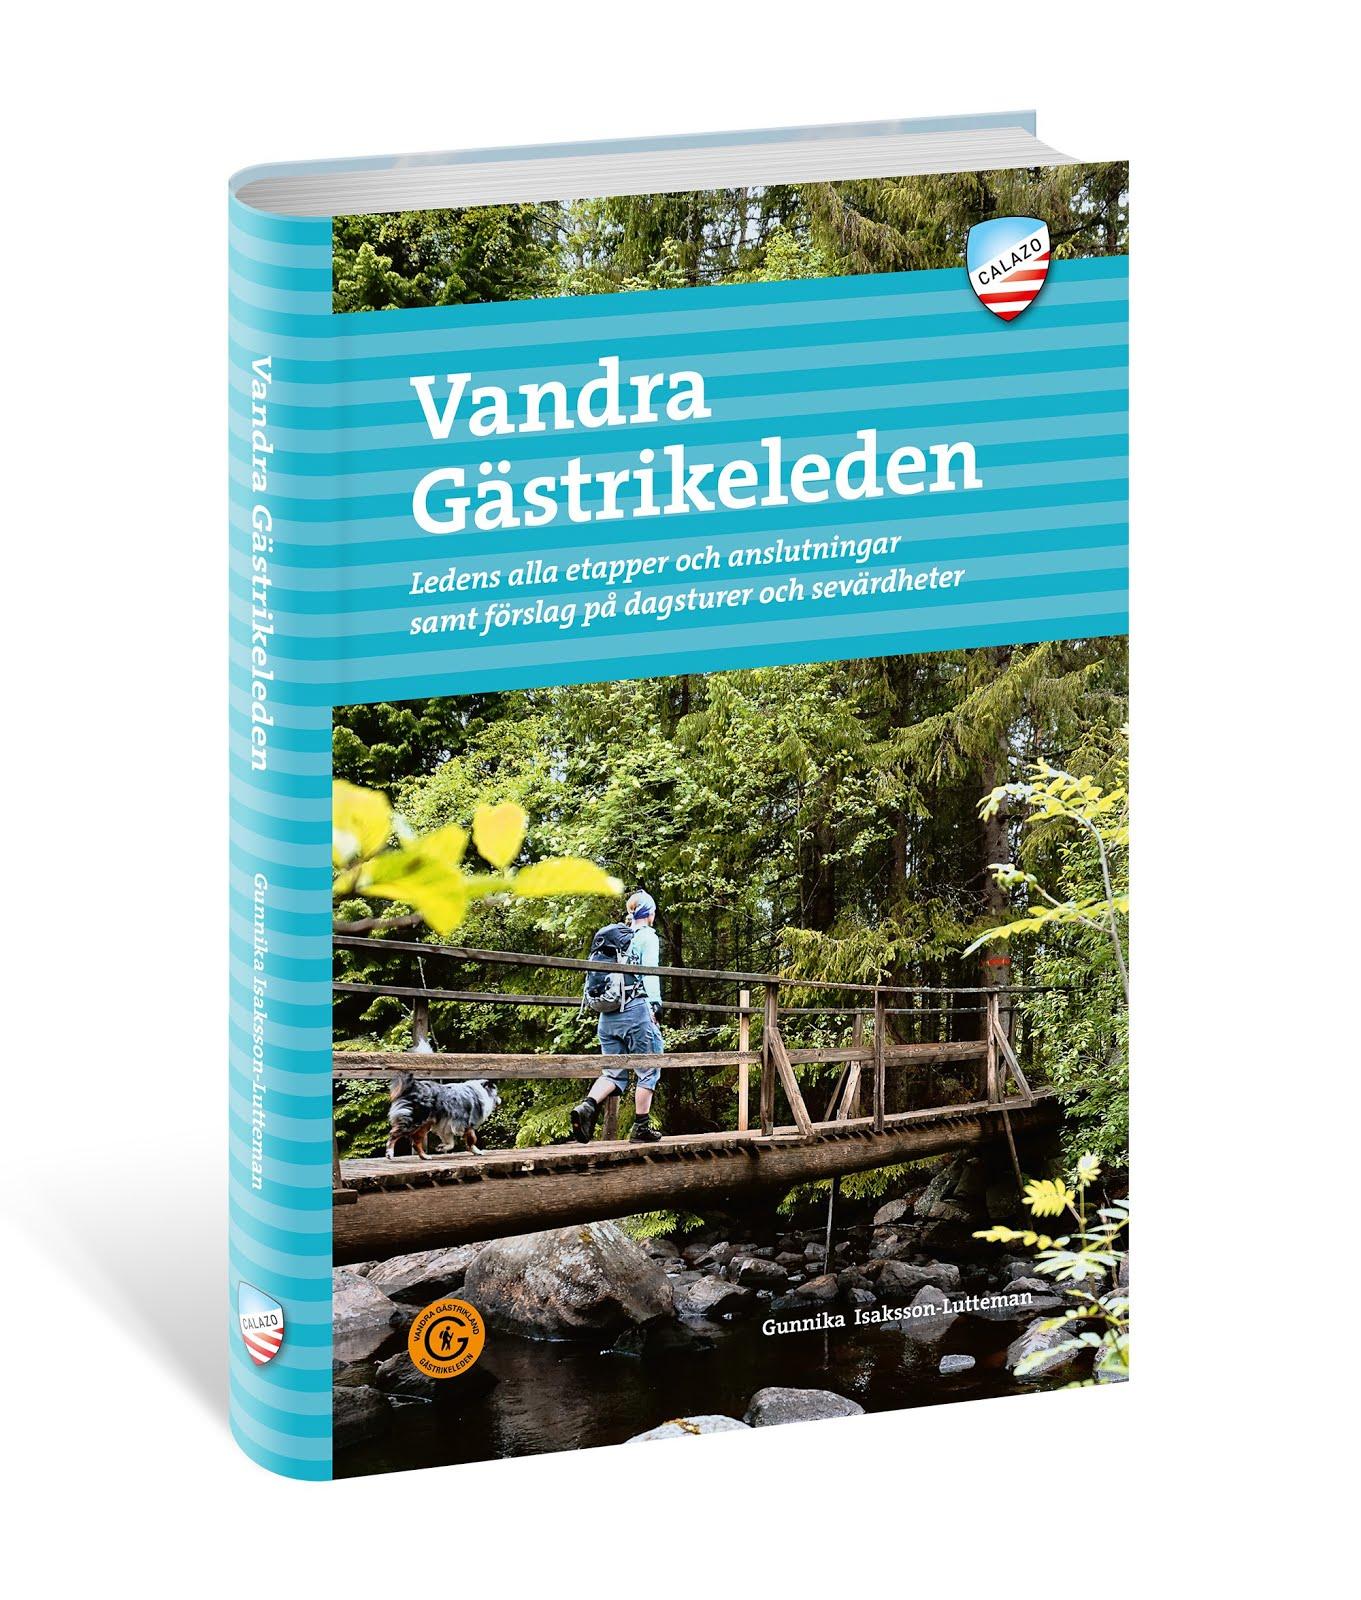 Guideboken Vandra Gästrikeleden av Gunnika